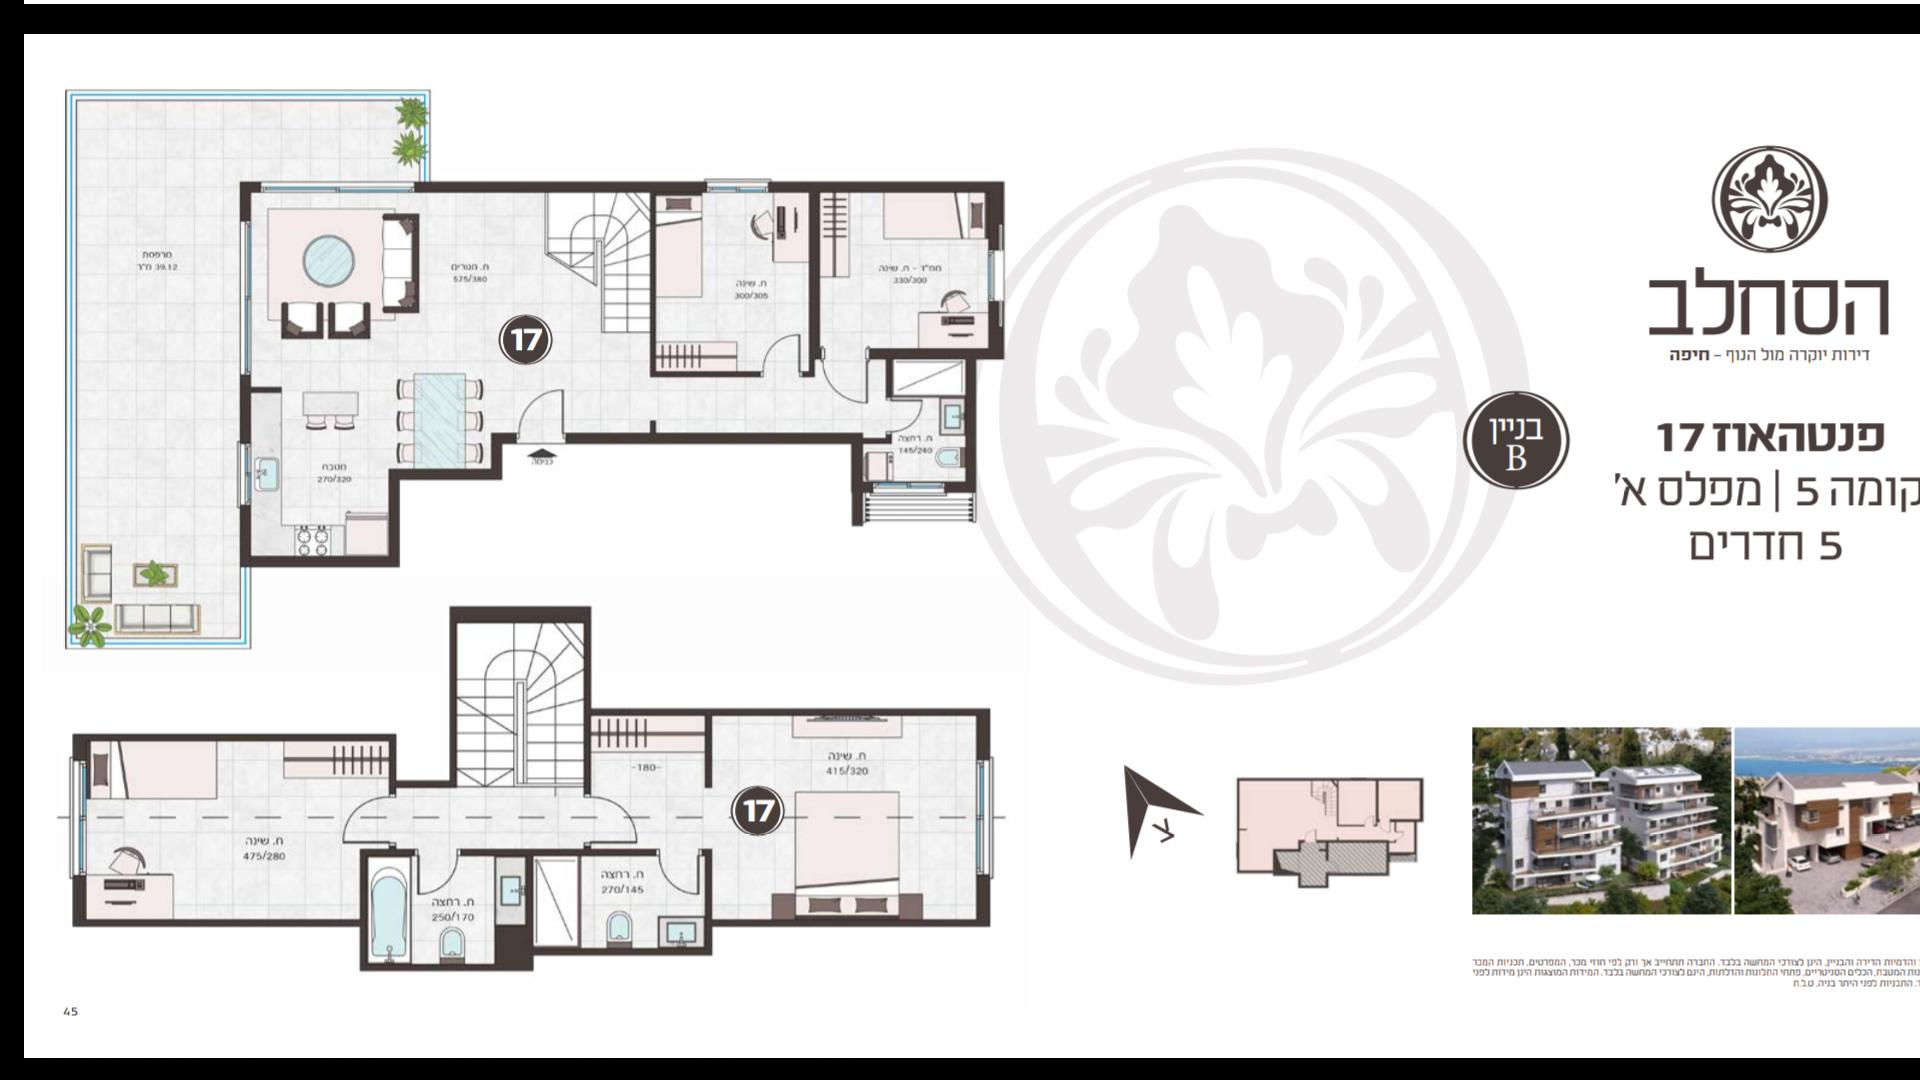 דירה 17